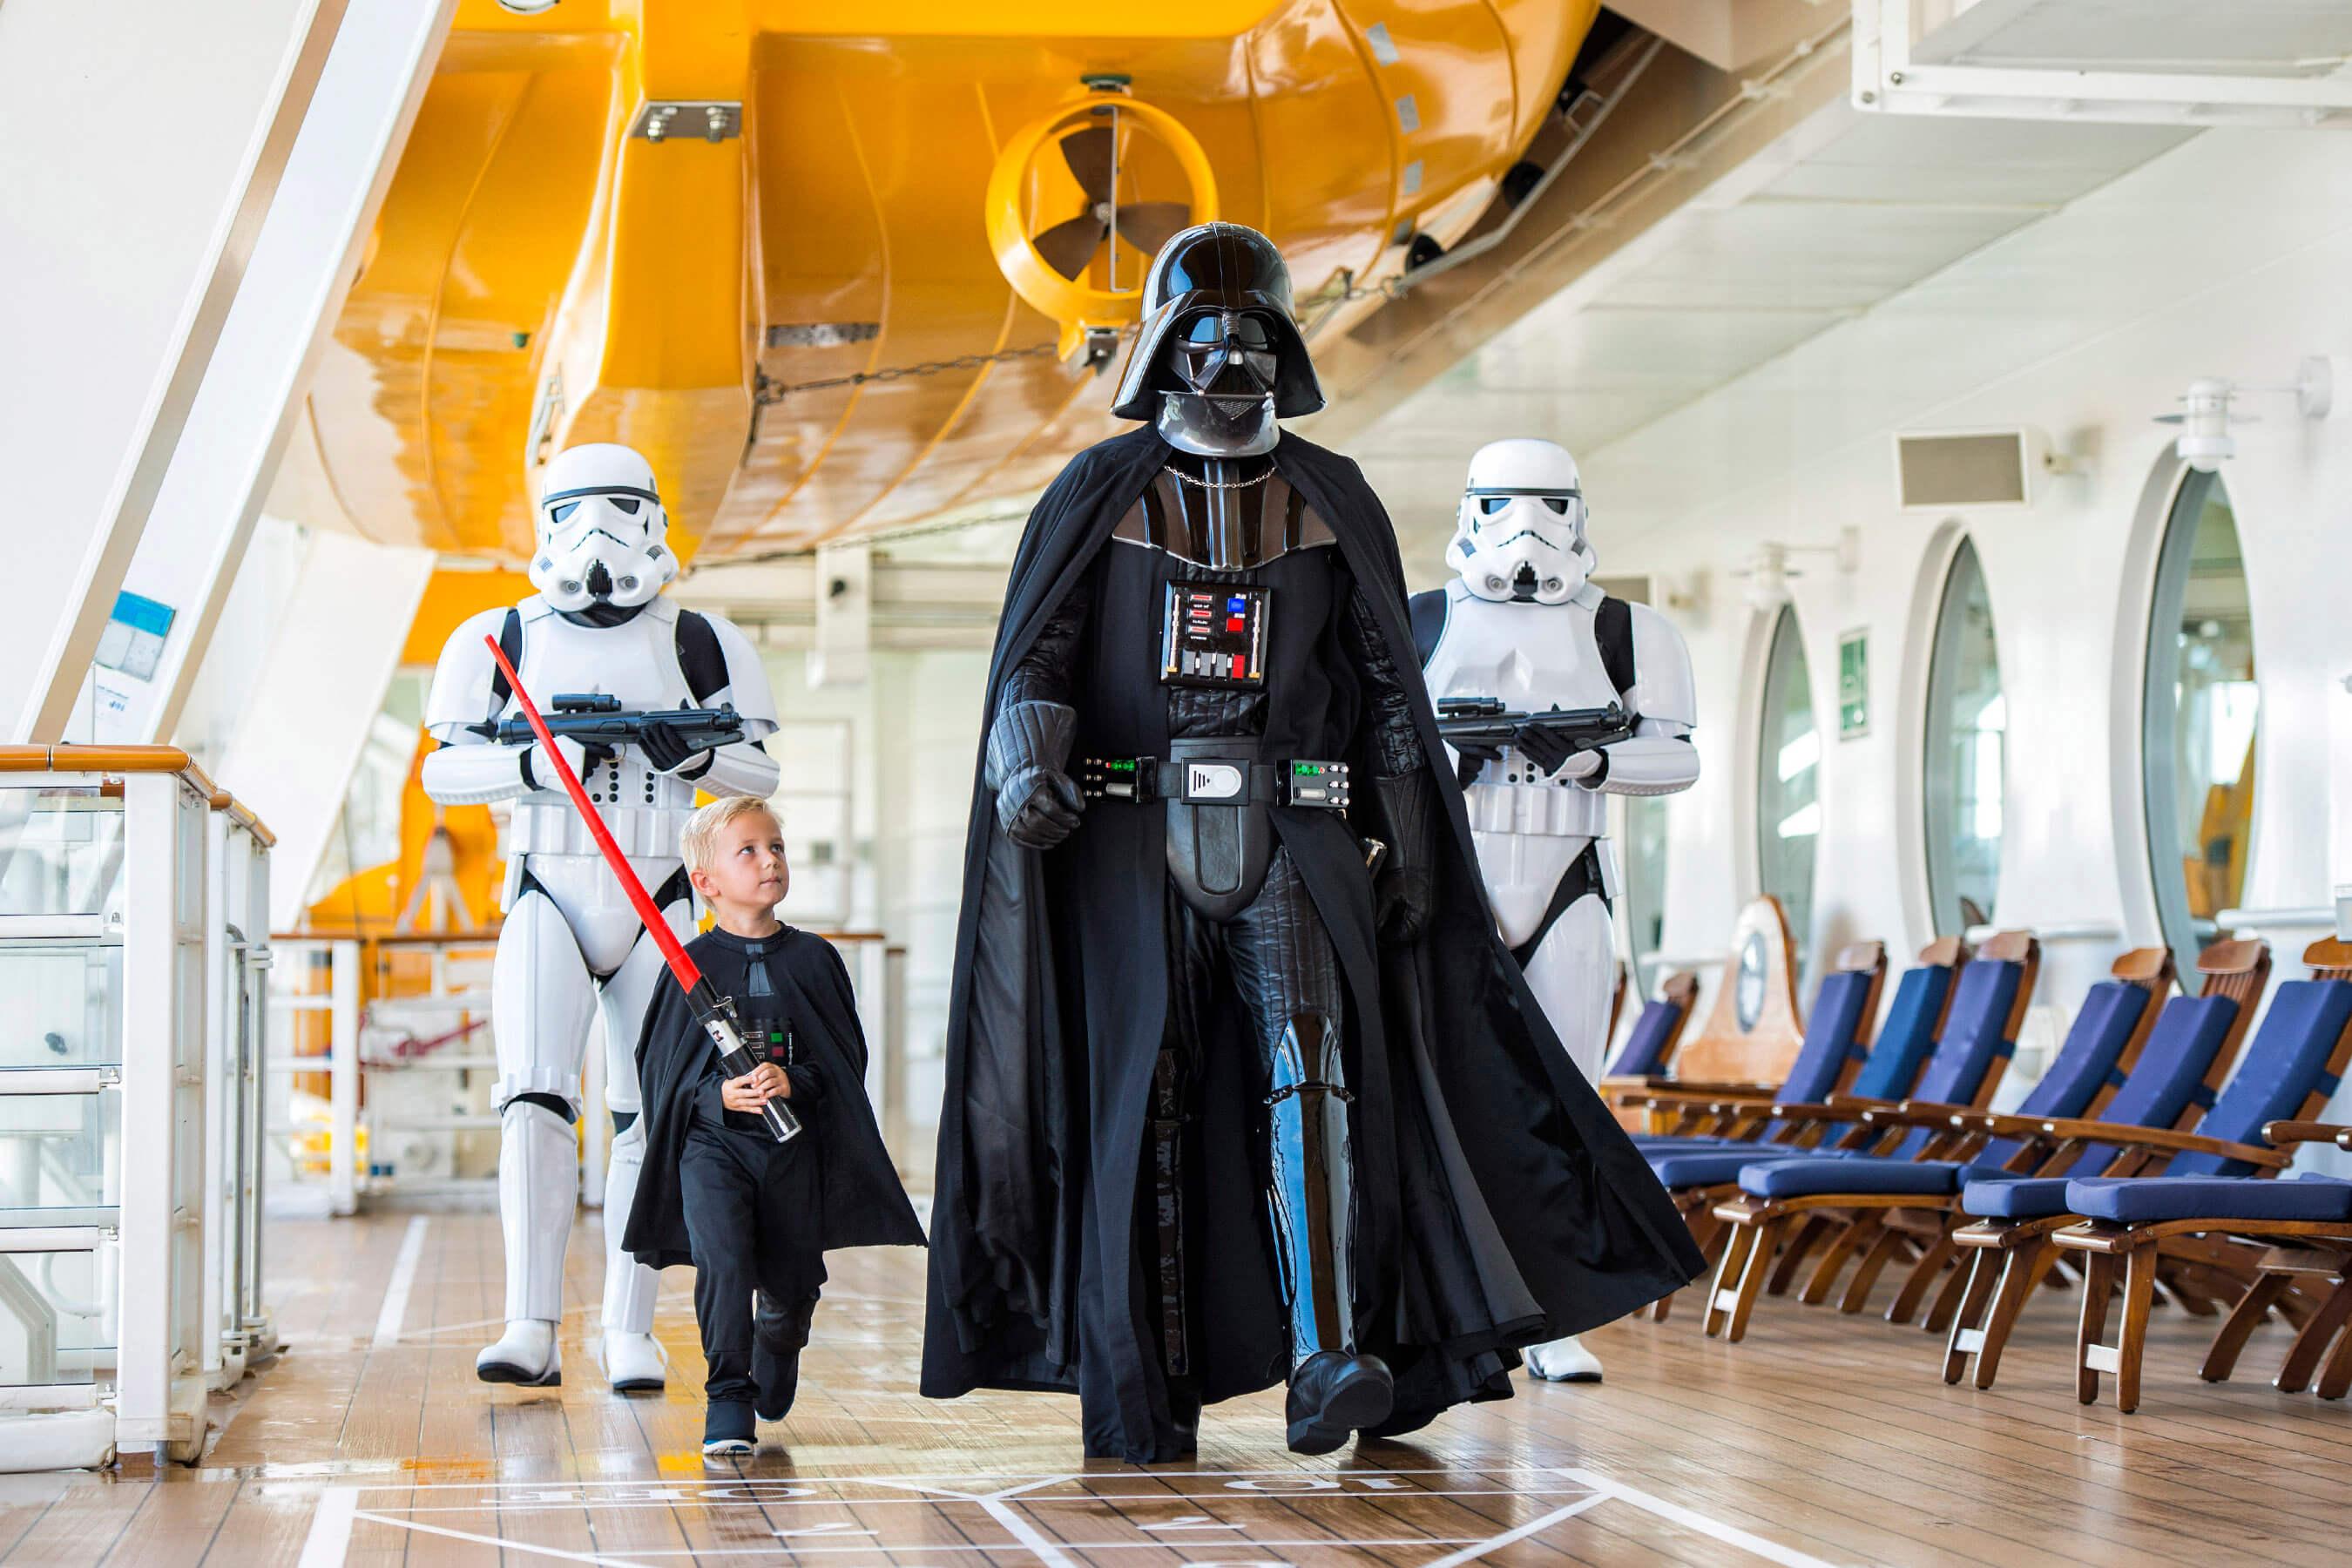 Cruzeiros temáticos da Disney Cruise Line em 2020: criança